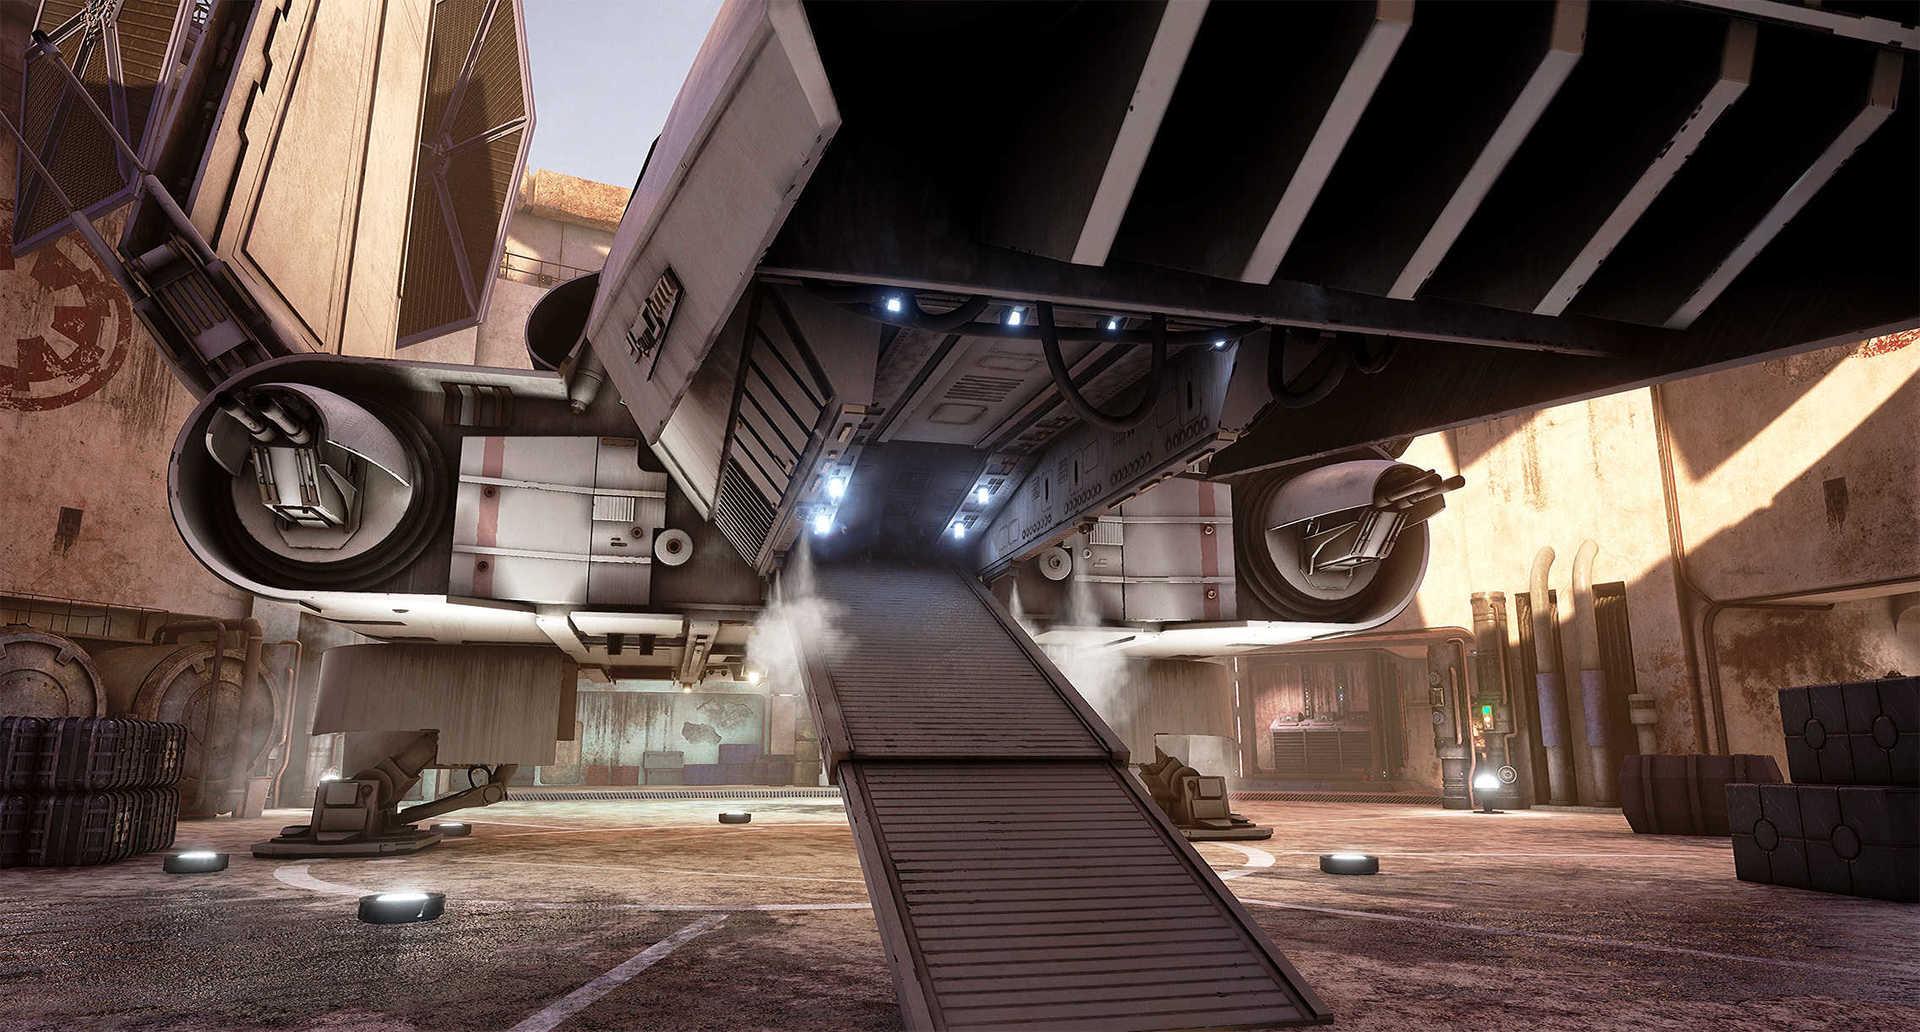 Создание сцены из Star Wars в Unreal Engine 4 - 17